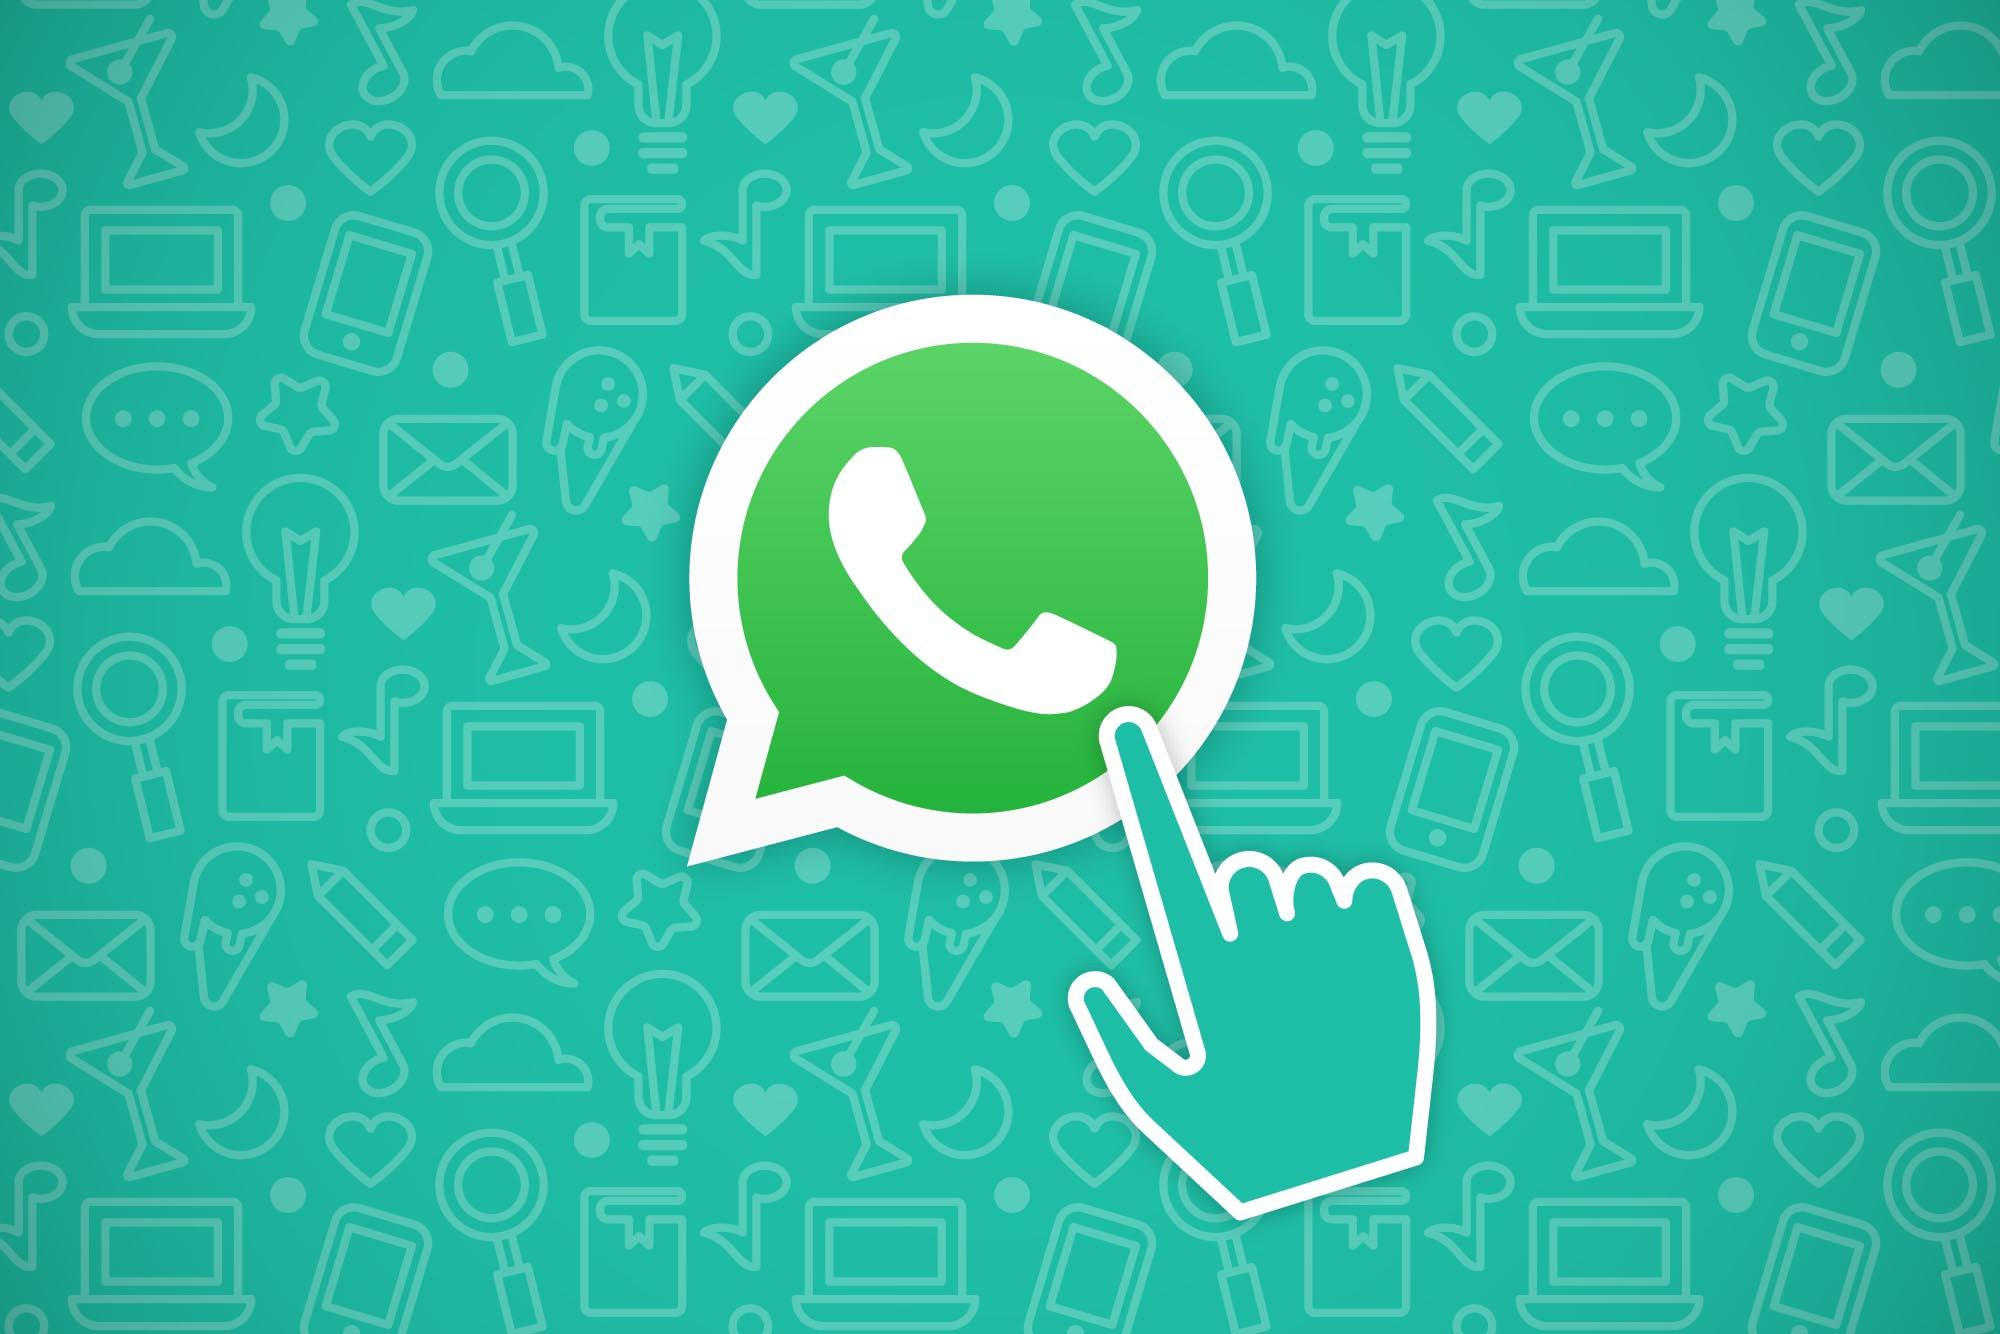 Whatsapp pay — como fazer envio de dinheiro e pagamentos pelo whatsapp